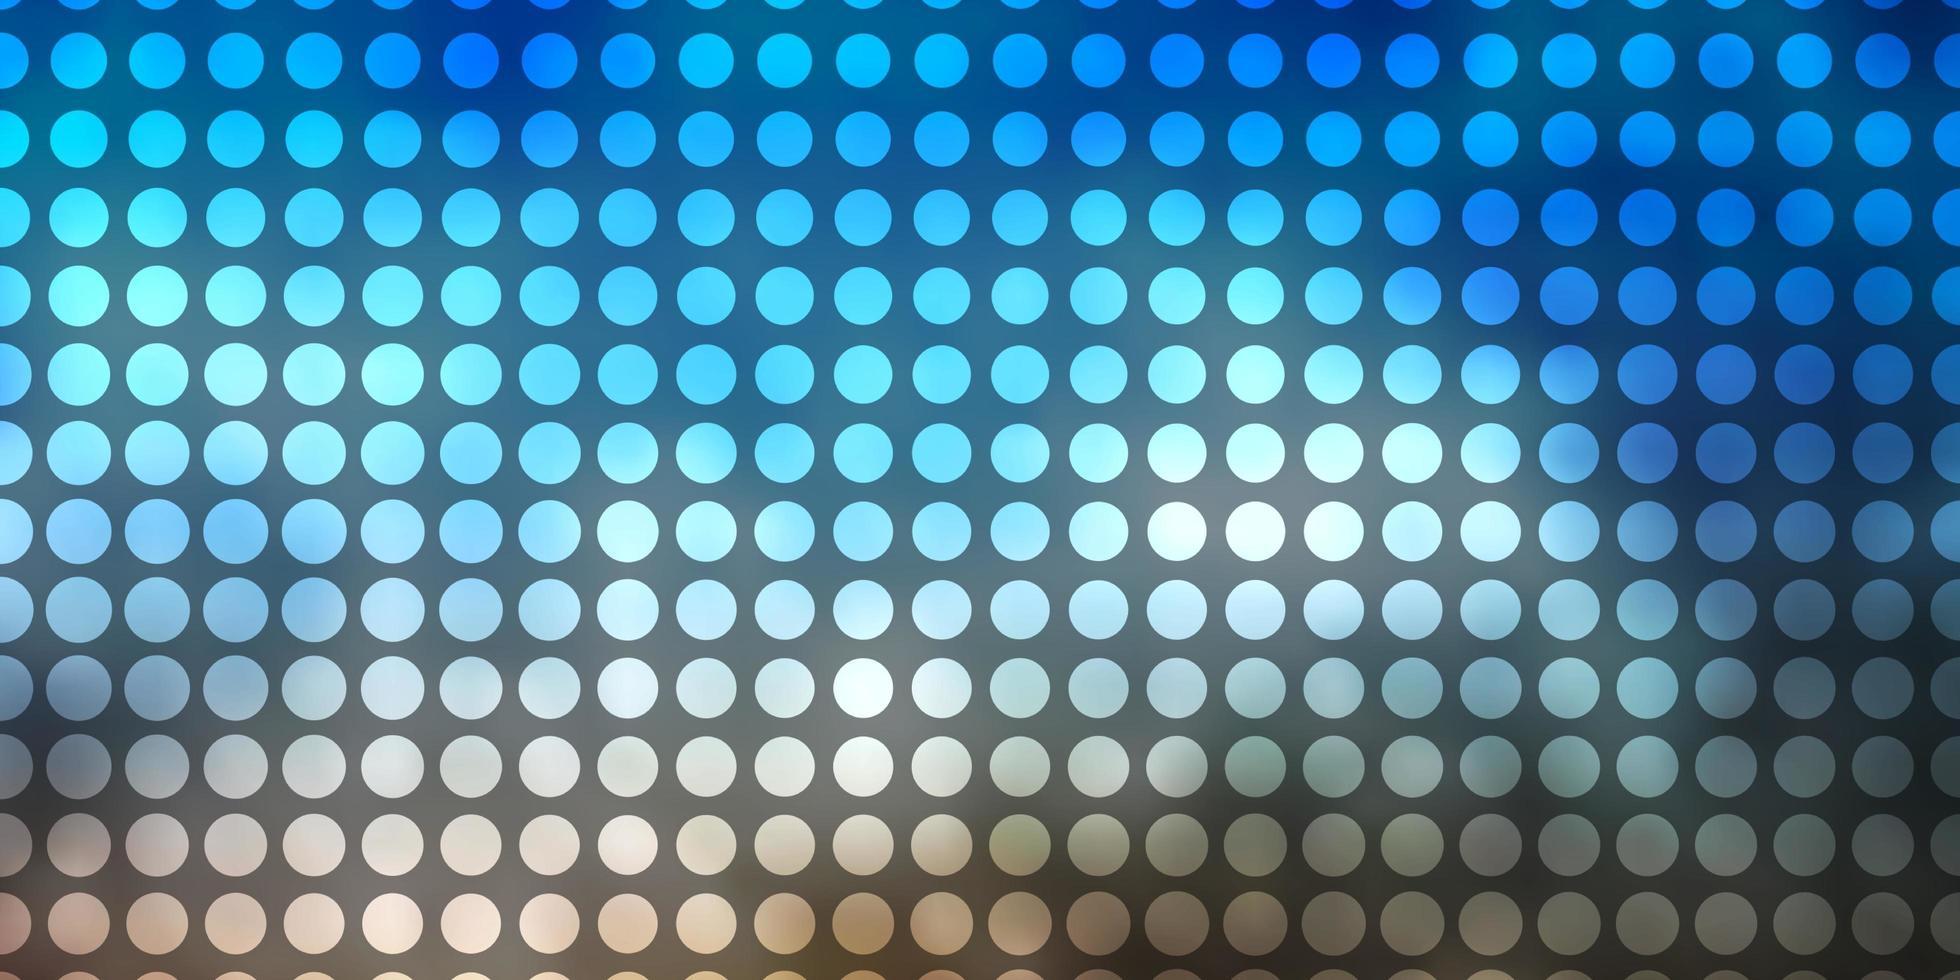 lichtblauwe, gele vectorachtergrond met cirkels. vector